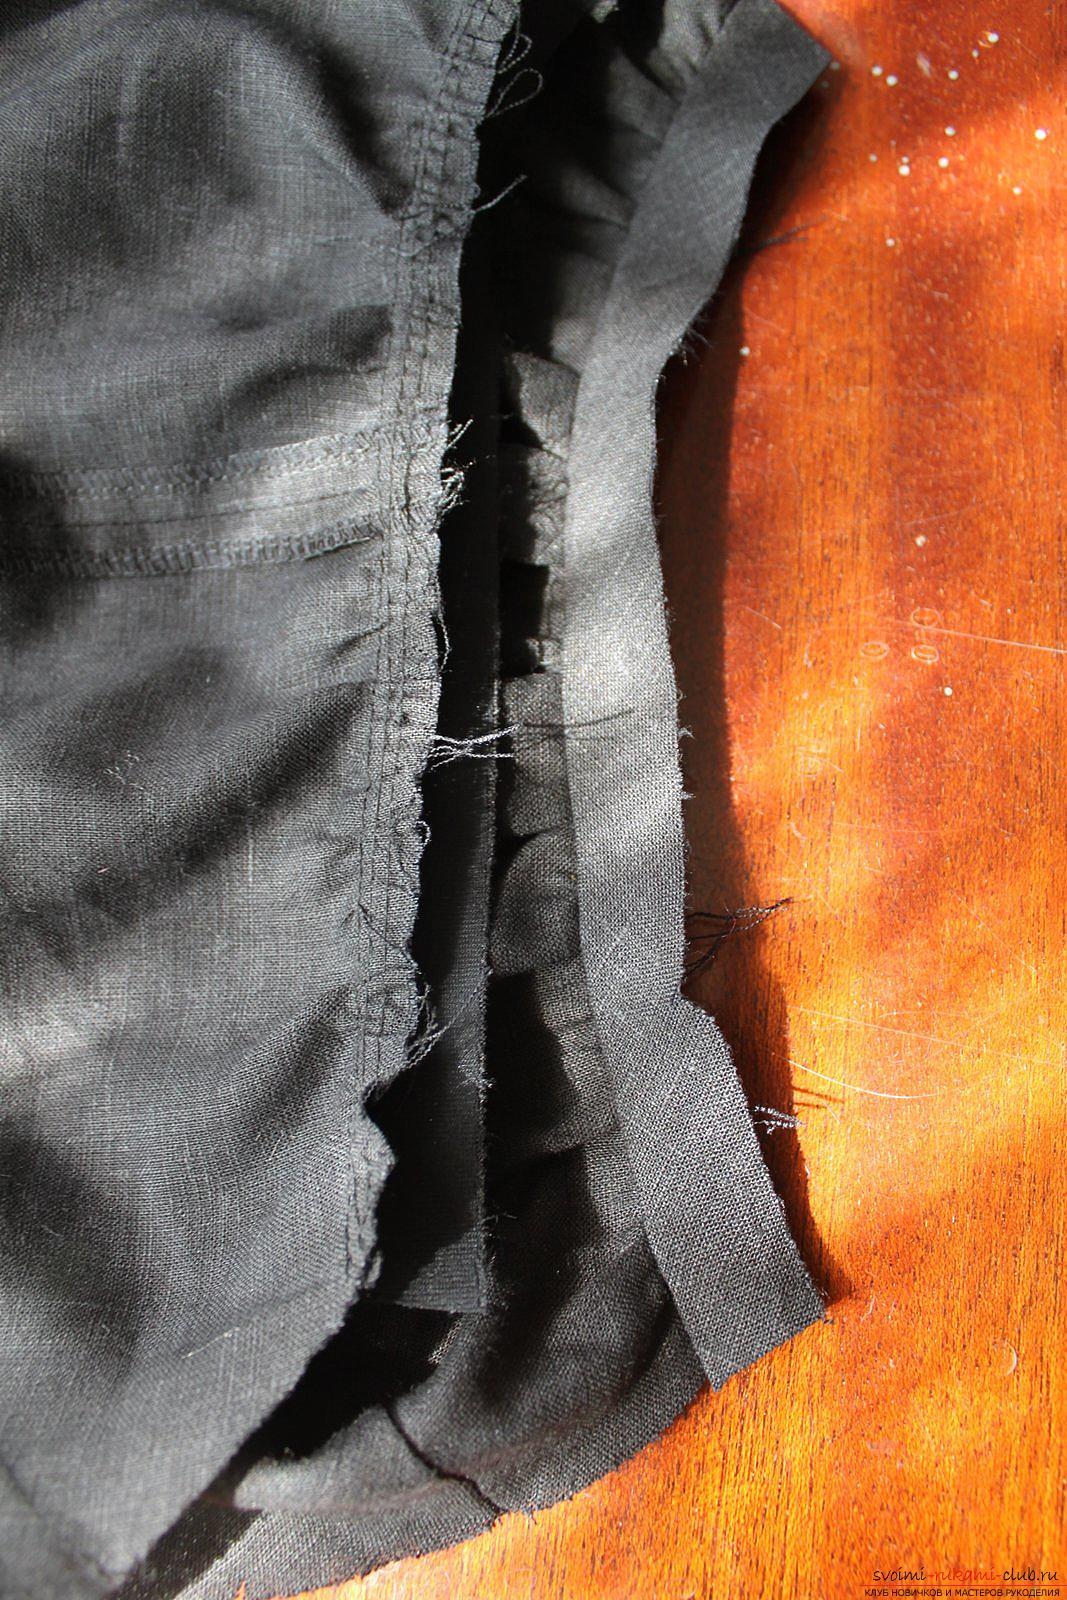 Этот подробный мастер-класс с фото и описанием научит как сшить своими руками платье из льна.. Фото №25